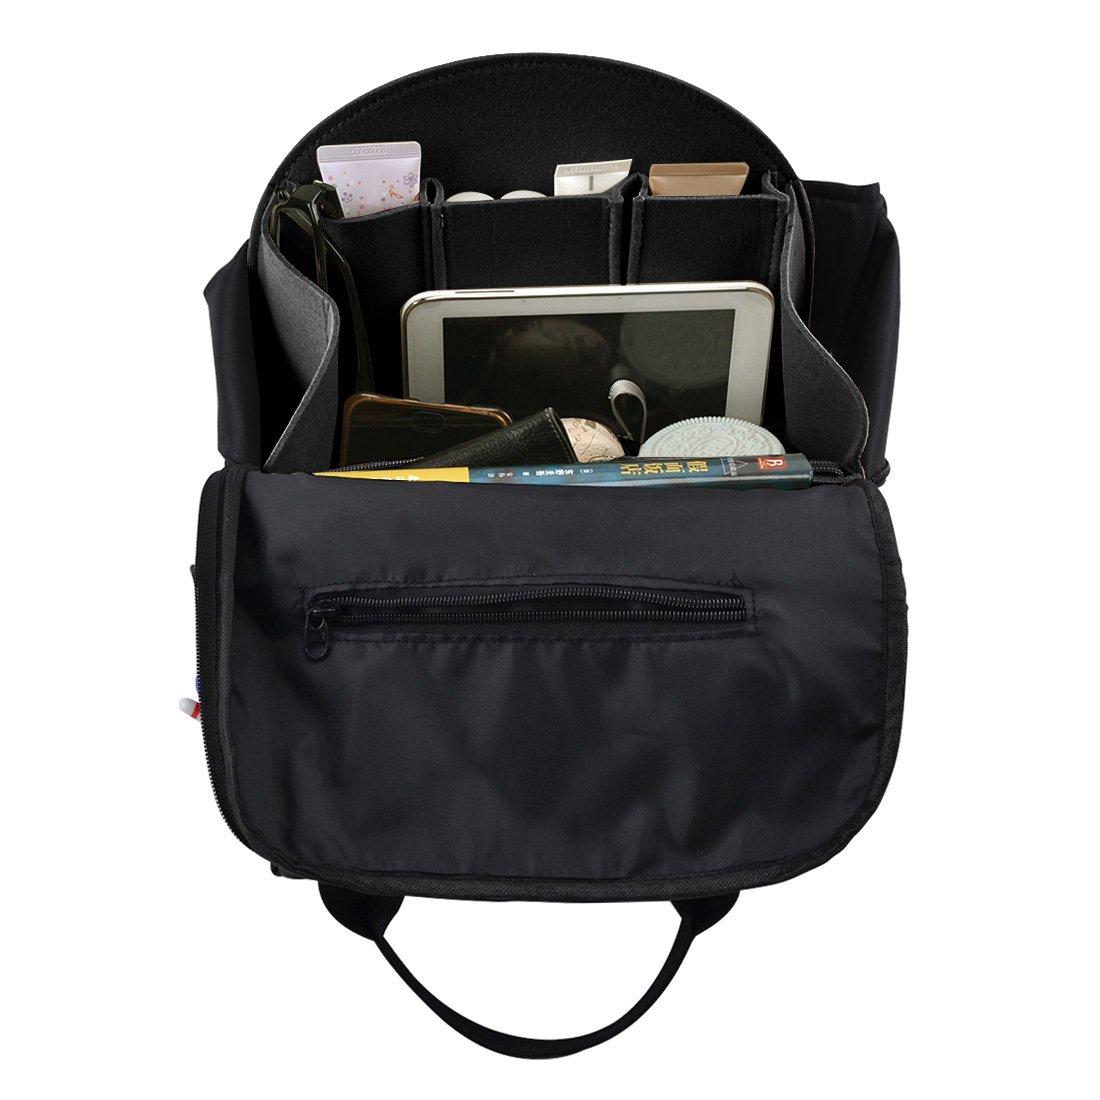 47bbea72a56c YUENA CARE Insert Bag Felt Backpack Organiser Multi Pocket for Shoulder Bag  Handbag Tote